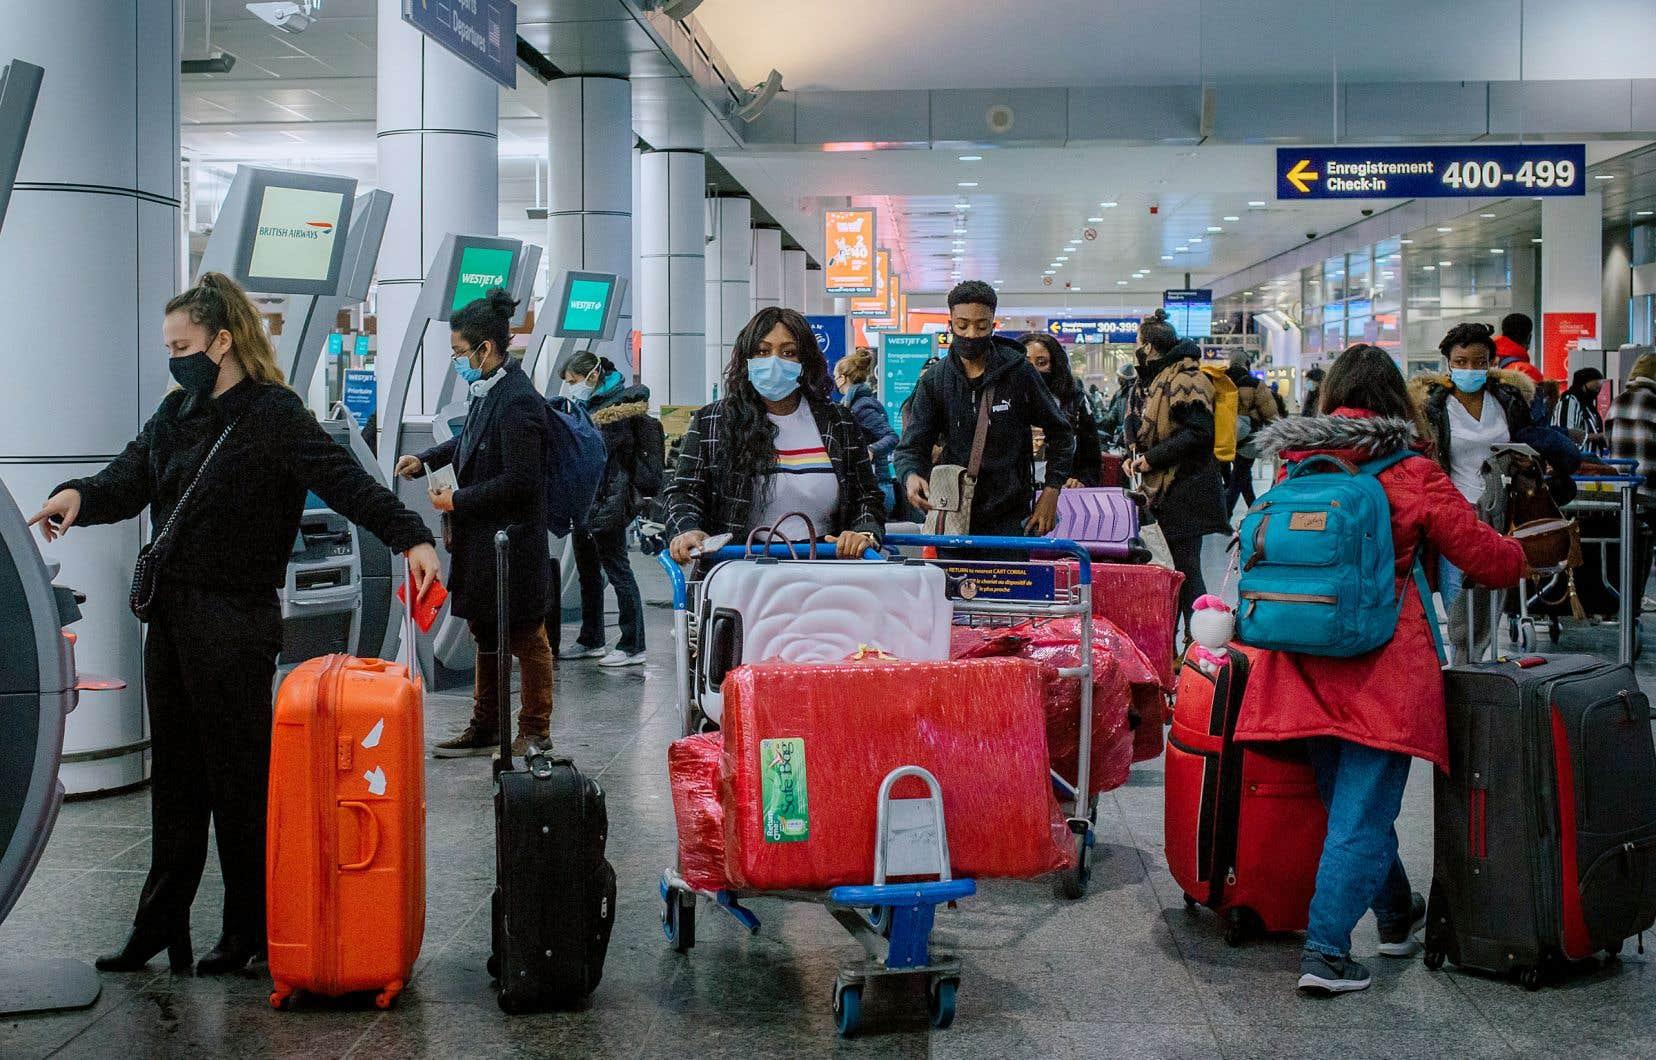 Malgré la pandémie, nombre de Canadiens n'ont pas hésité à faire leur valise pour rejoindre leur famille ailleurs au pays ou à l'étranger durant les Fêtes de fin d'année. D'autres ont plutôt prévu de passer les vacances au soleil dans le Sud. L'aéroport Montréal-Trudeau (photo d'hier) recevra en moyenne 8000 passagers par jour durant cette période, comparativement à 56 000 l'année dernière.